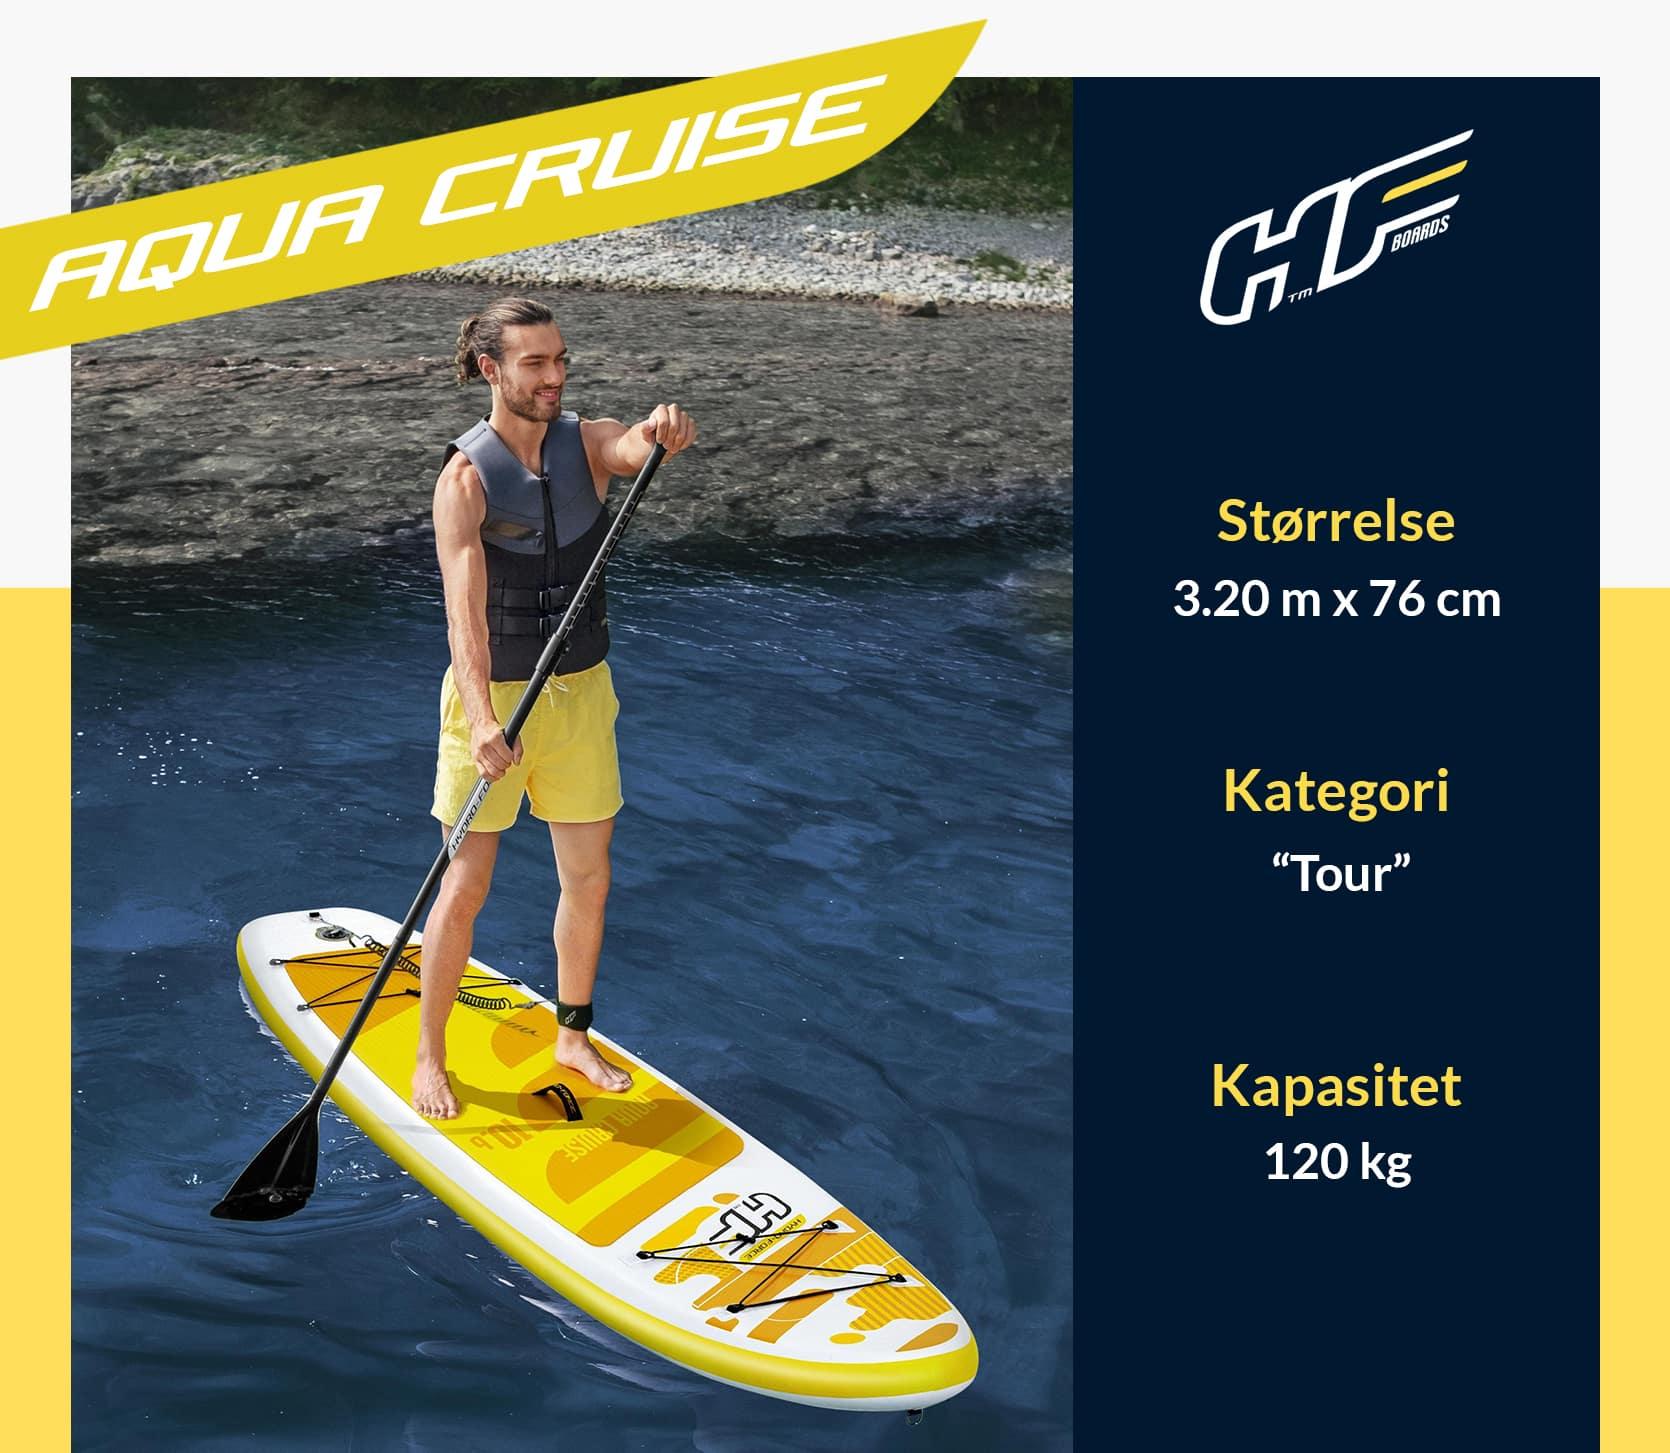 Hydro-Force Aqua Cruise Sup brett PaddleBoard